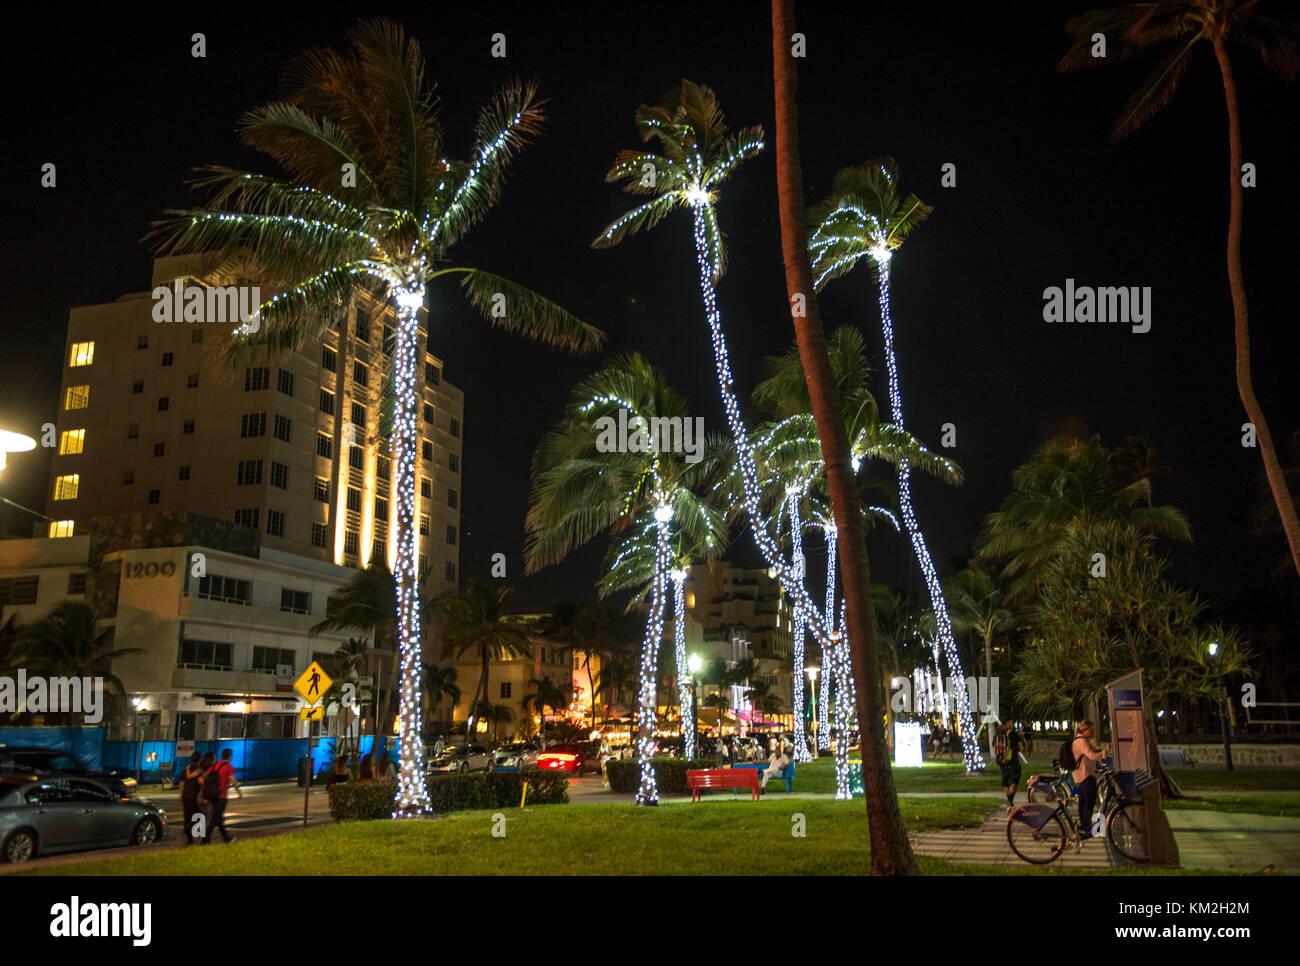 Miami Beach, FLORIDA, USA. 3rd Dec, 2017. Palm trees with sparkling ...